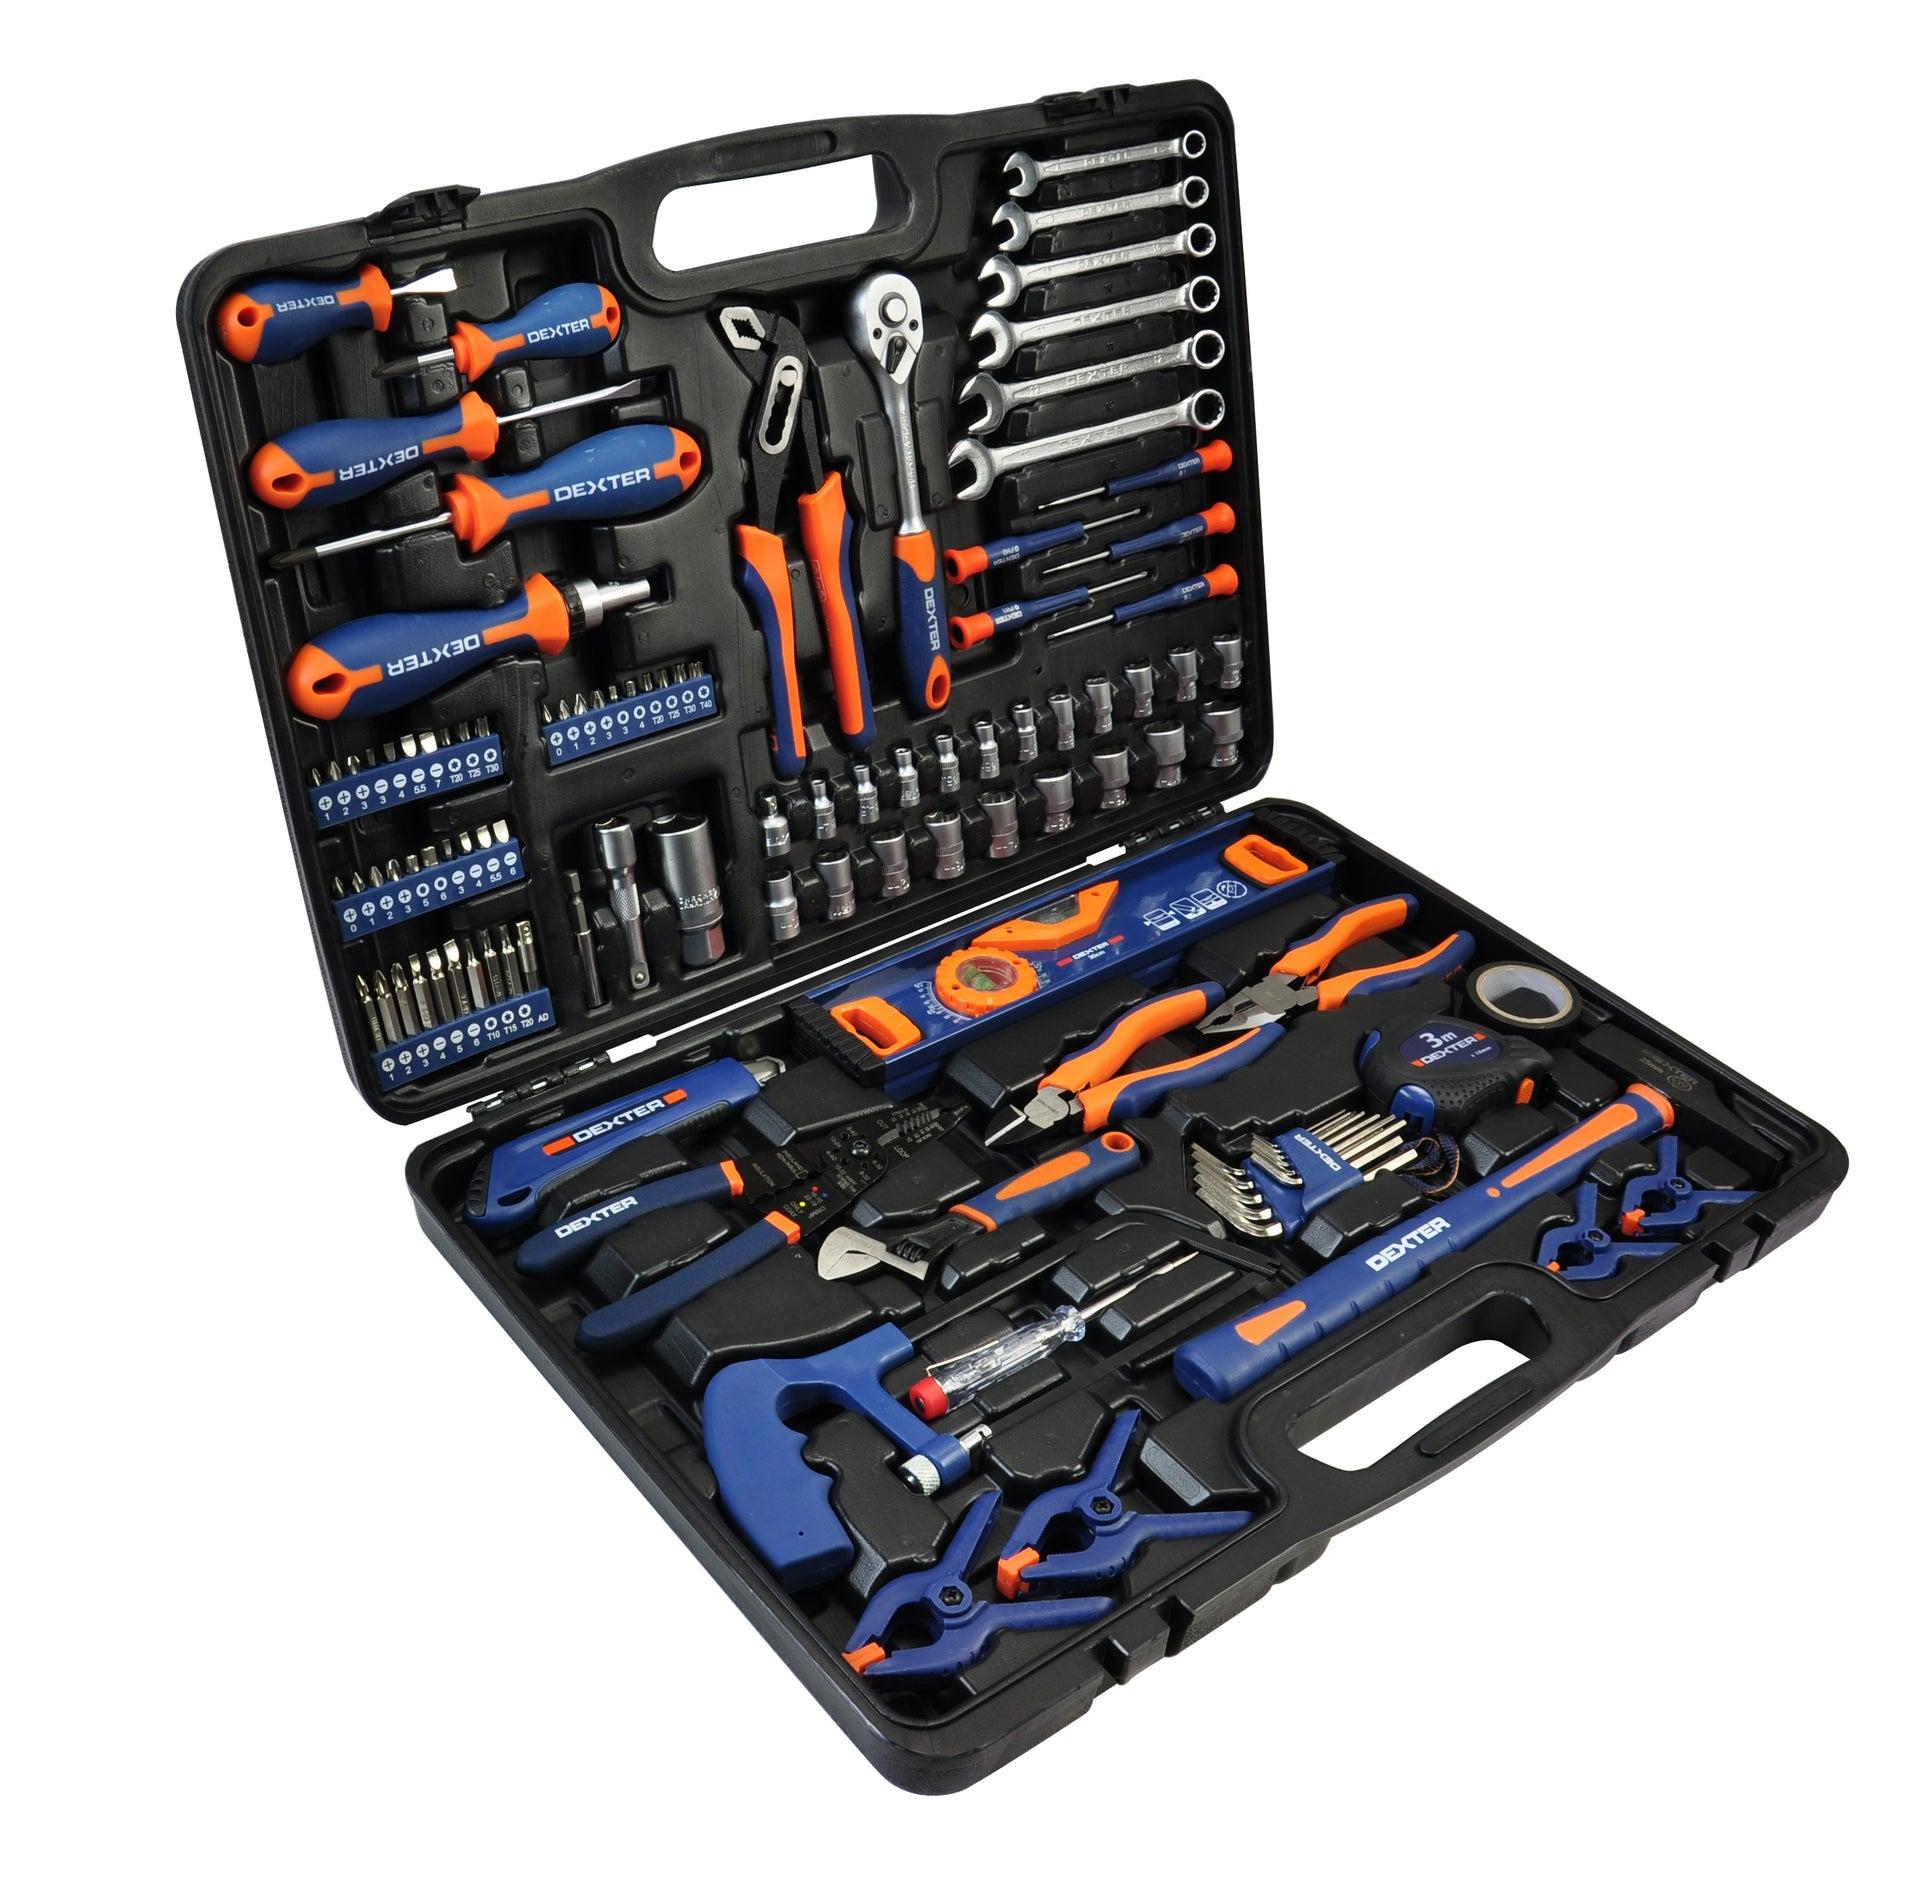 Mallette à outils Dexter - 108 pièces